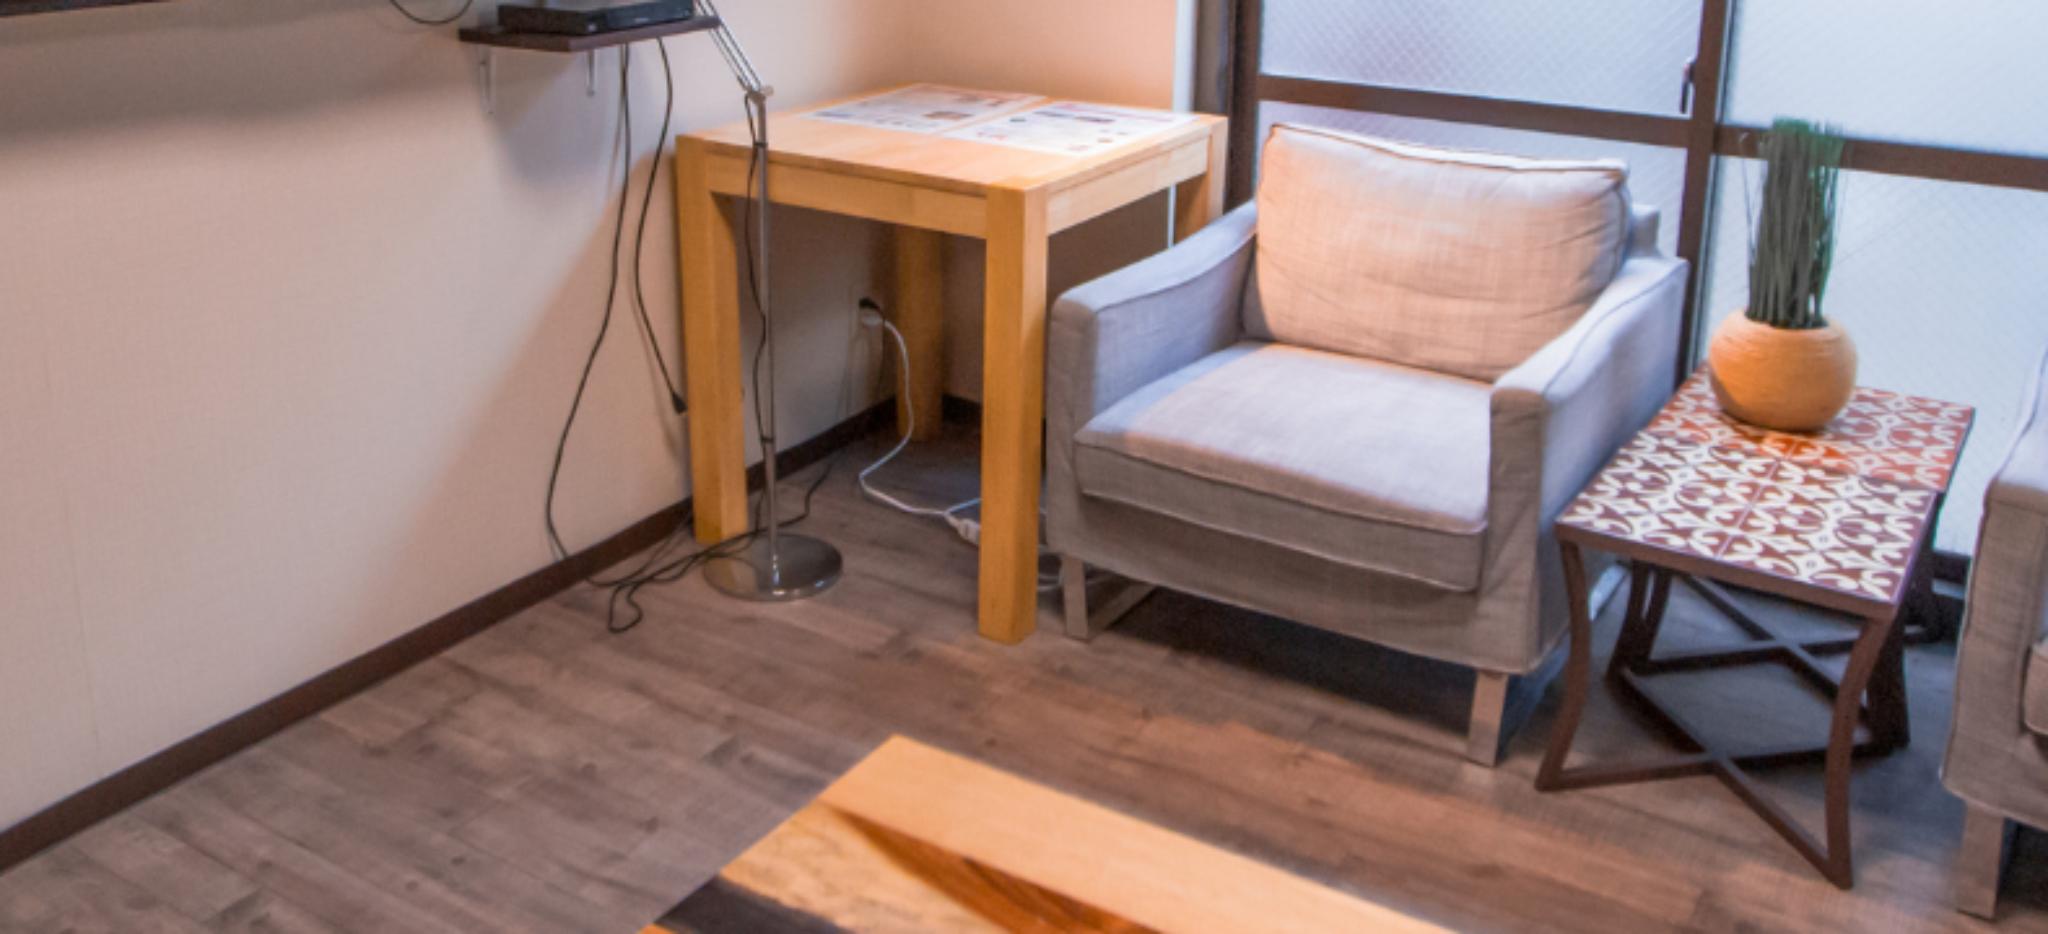 alquilar apartamento en Japón